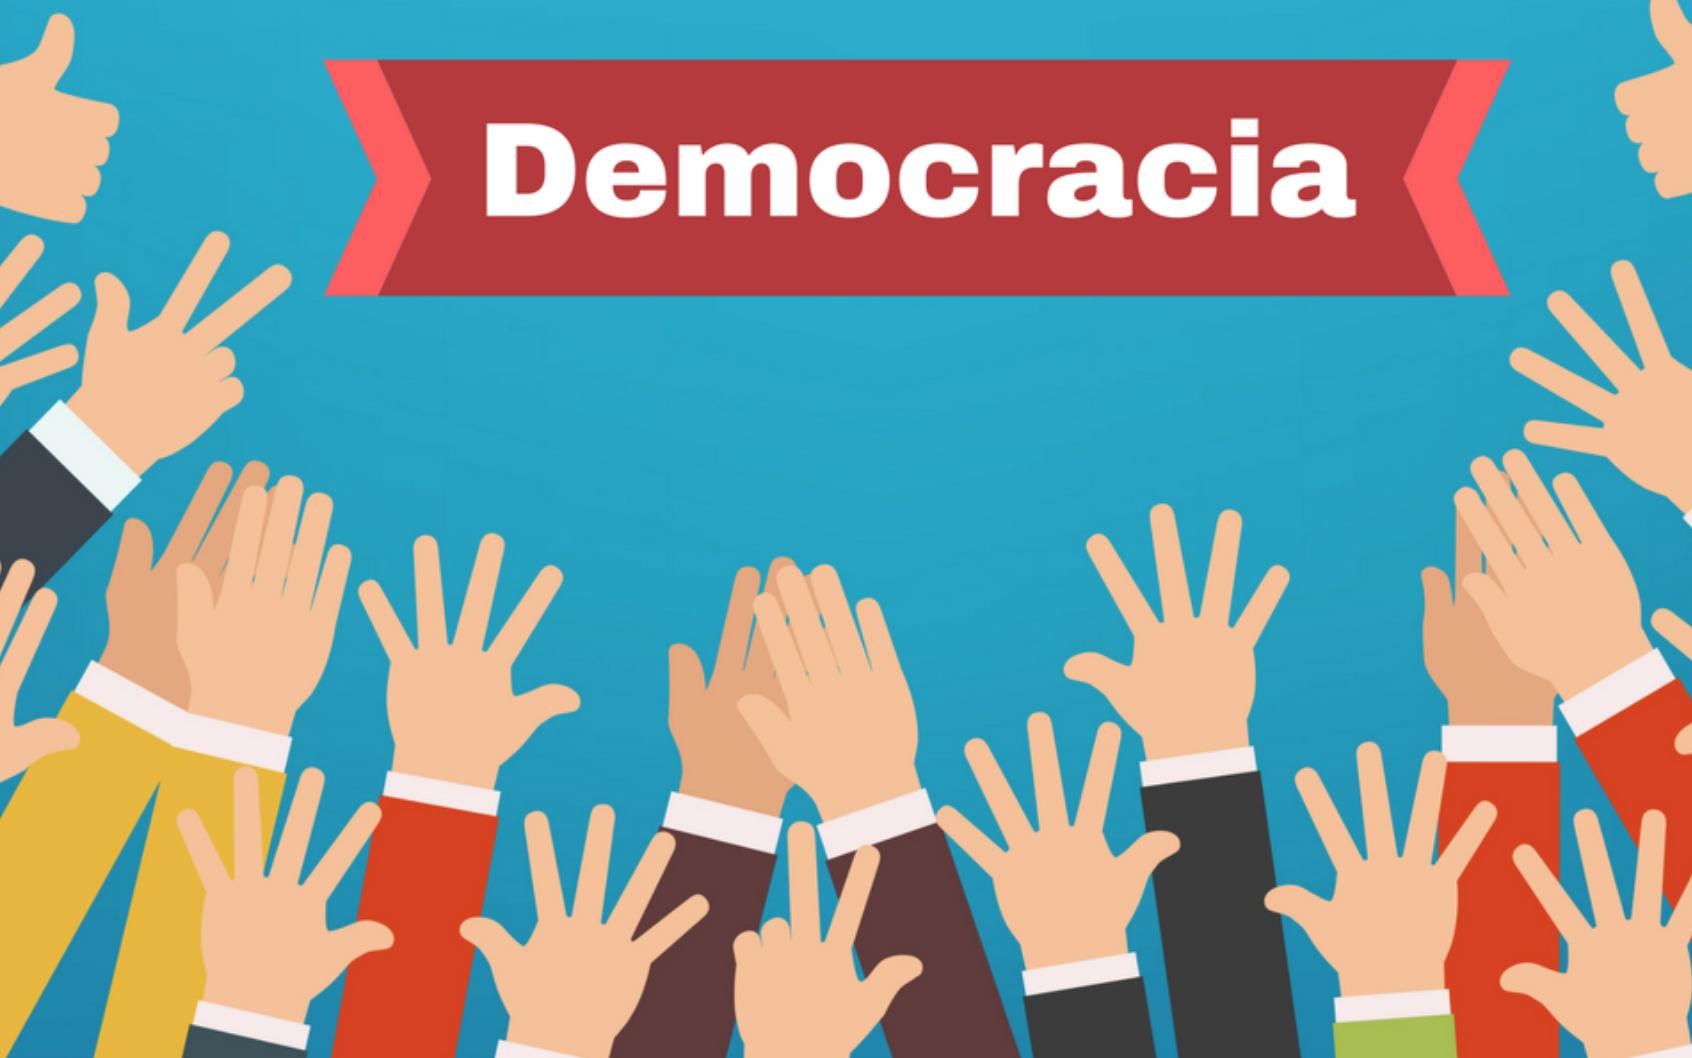 ¿PODRÍA MORENA EXPLICARNOS QUÉ ES DEMOCRACIA?